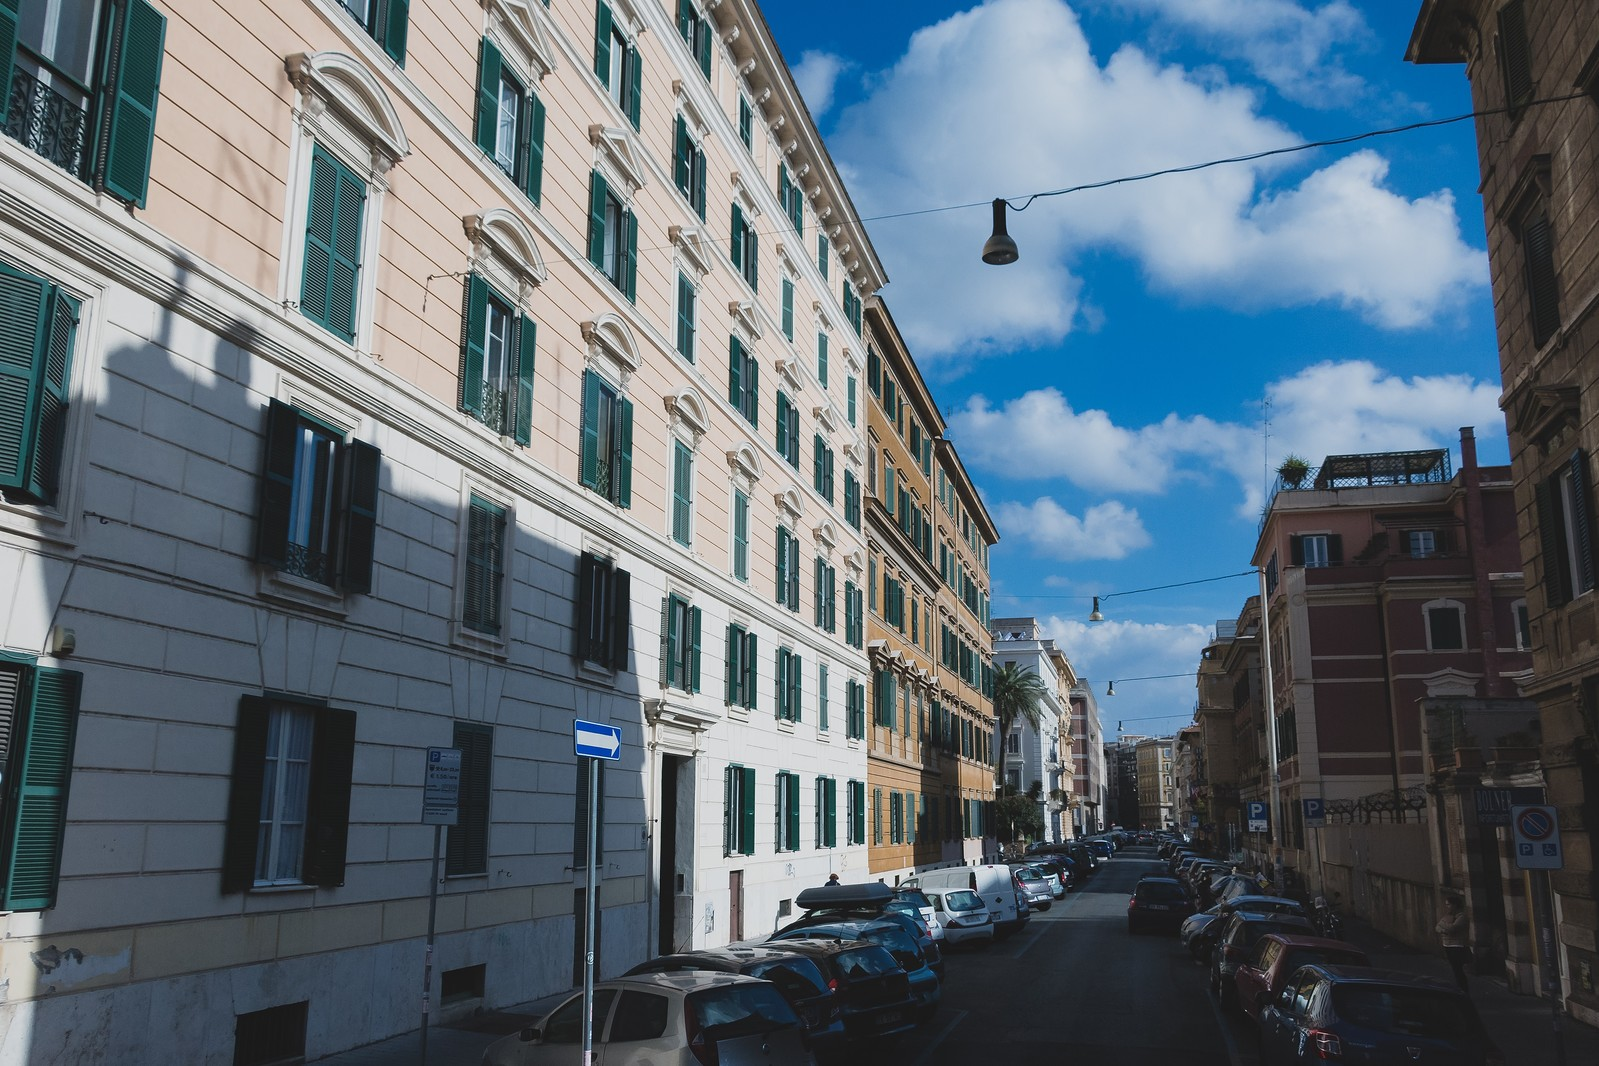 「イタリアのマンション街   写真の無料素材・フリー素材 - ぱくたそ」の写真